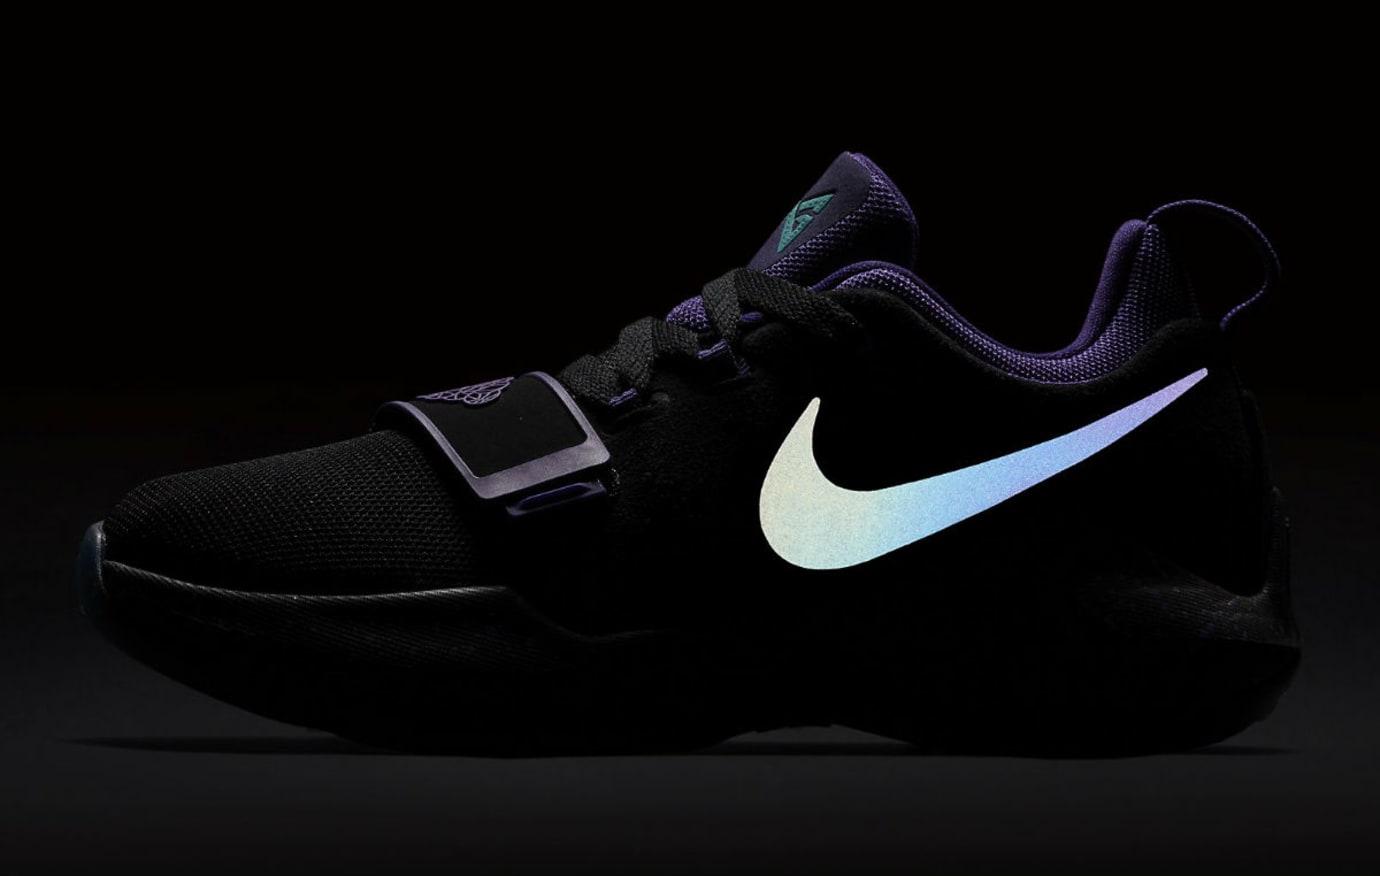 Nike PG1 Gradeschool Grape Release Date 3M 880304-097